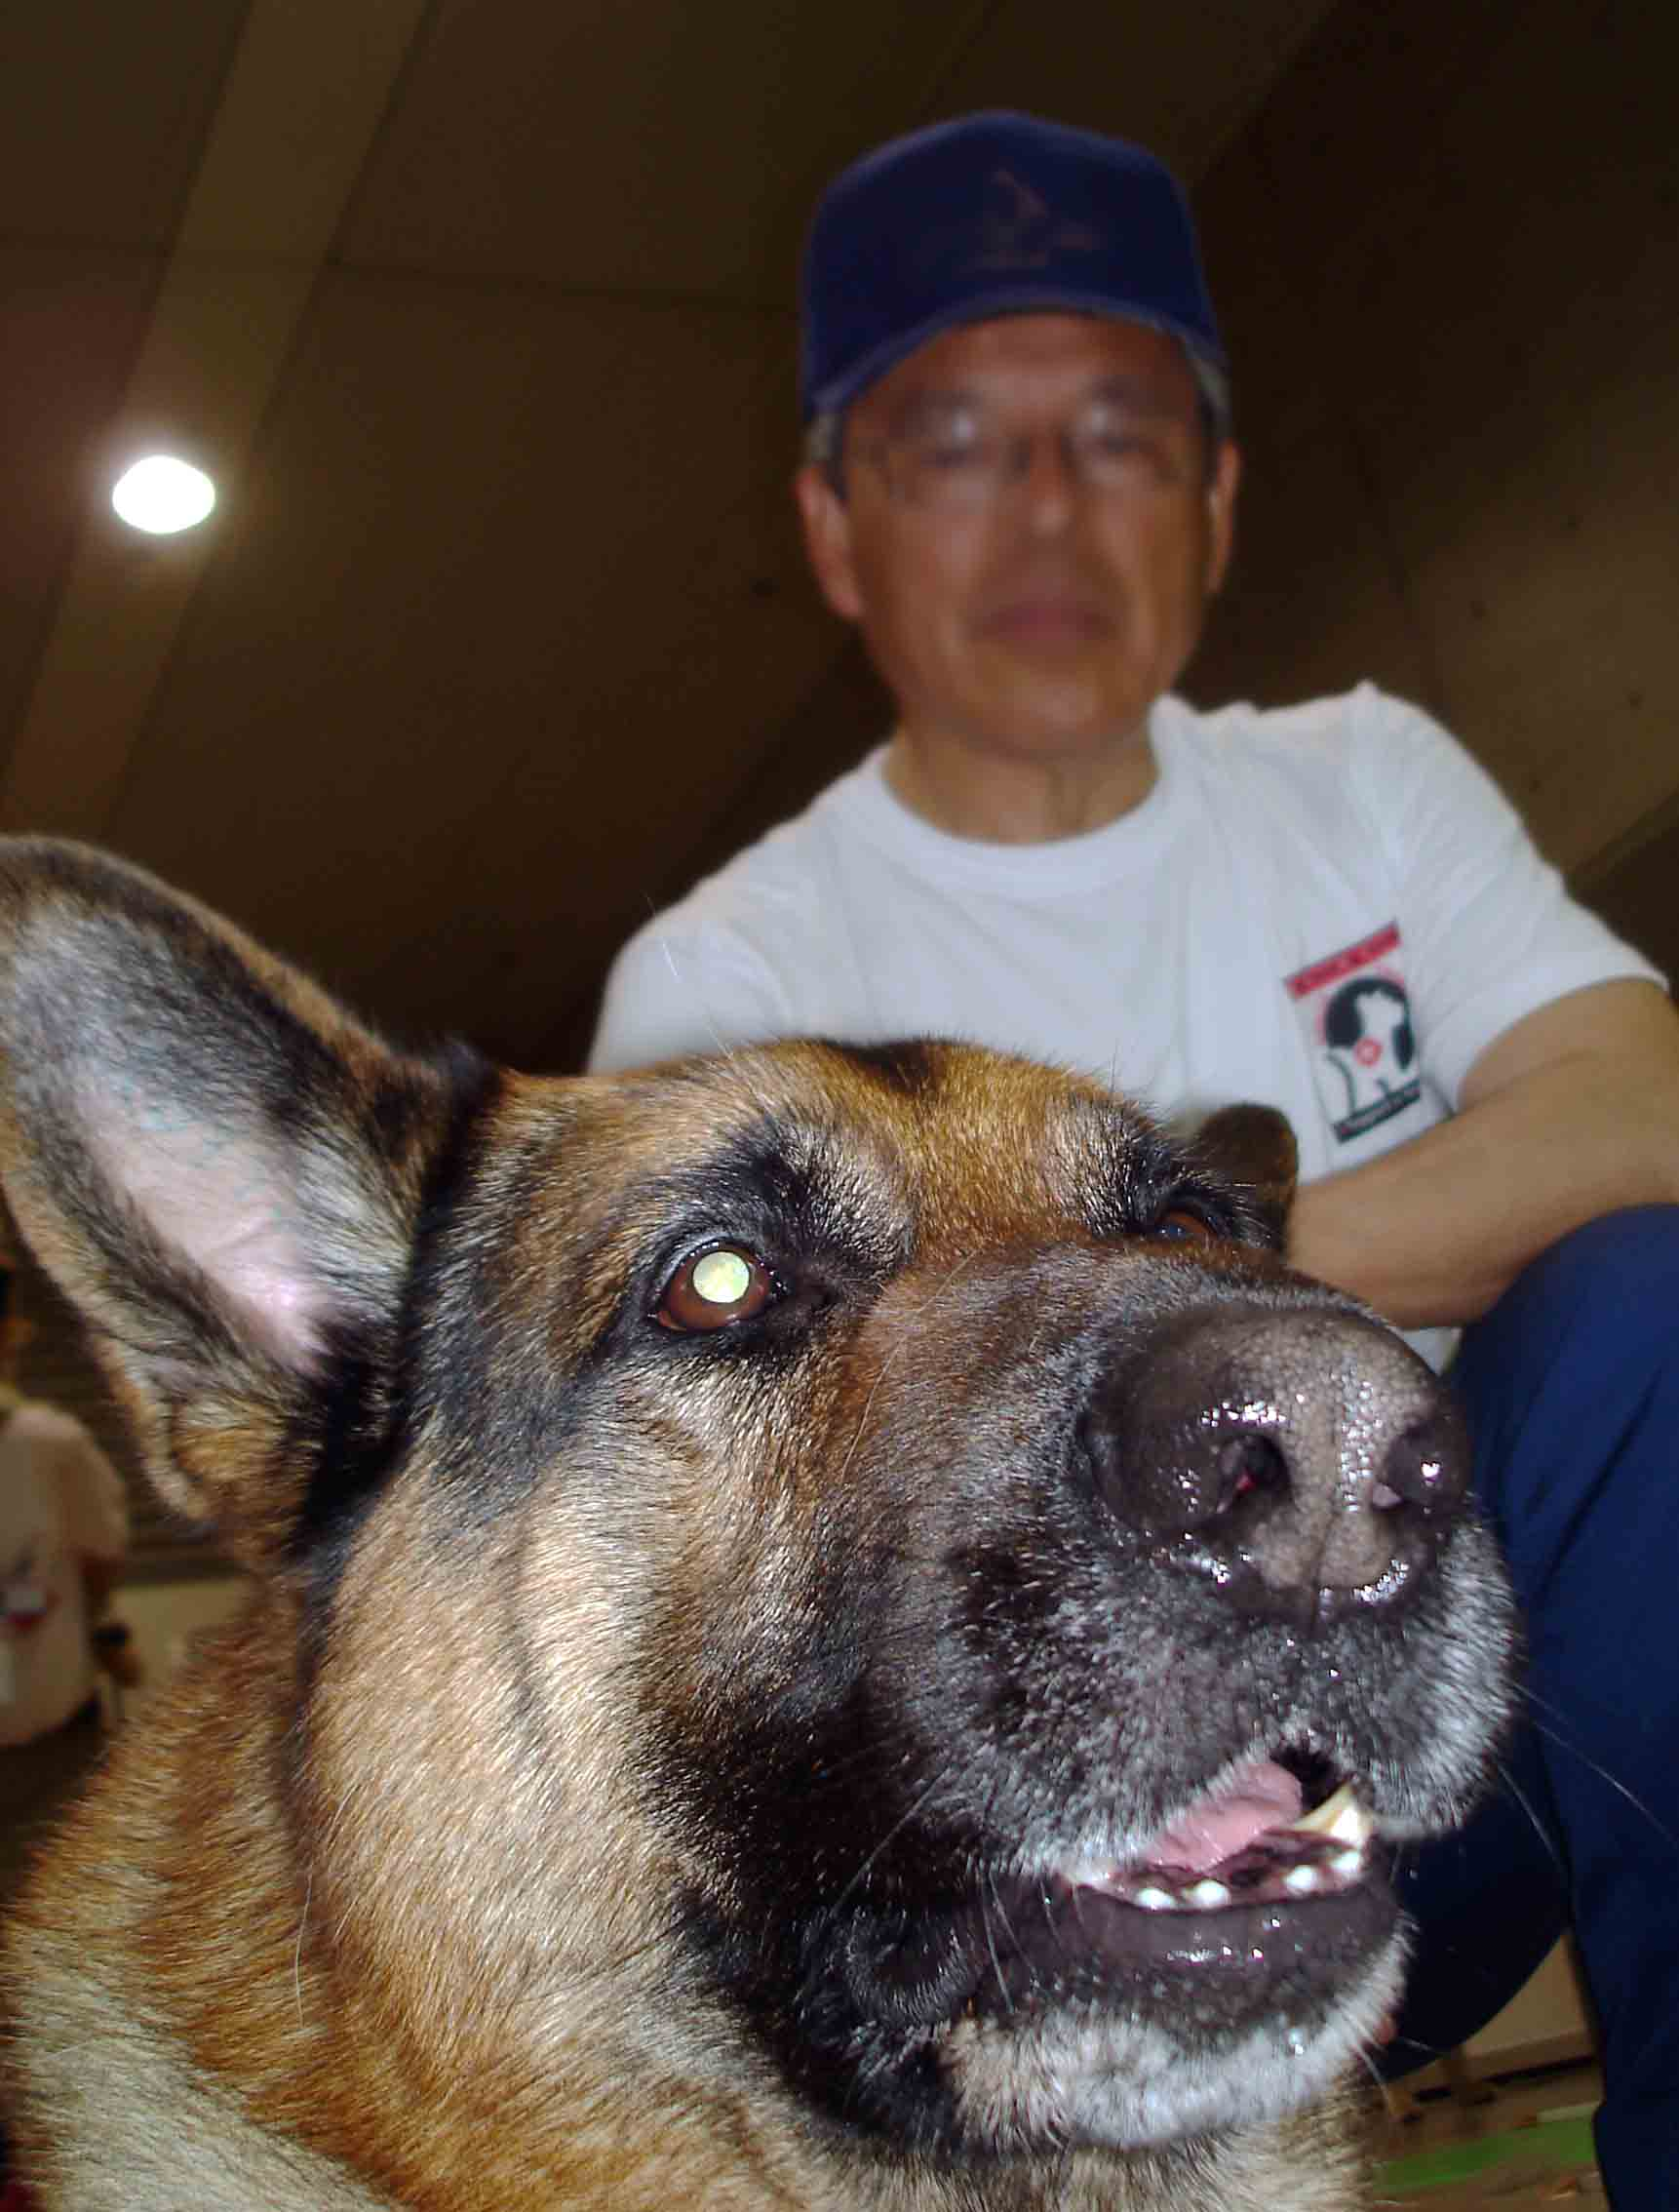 ペット博 大きな犬から小さな犬まで①